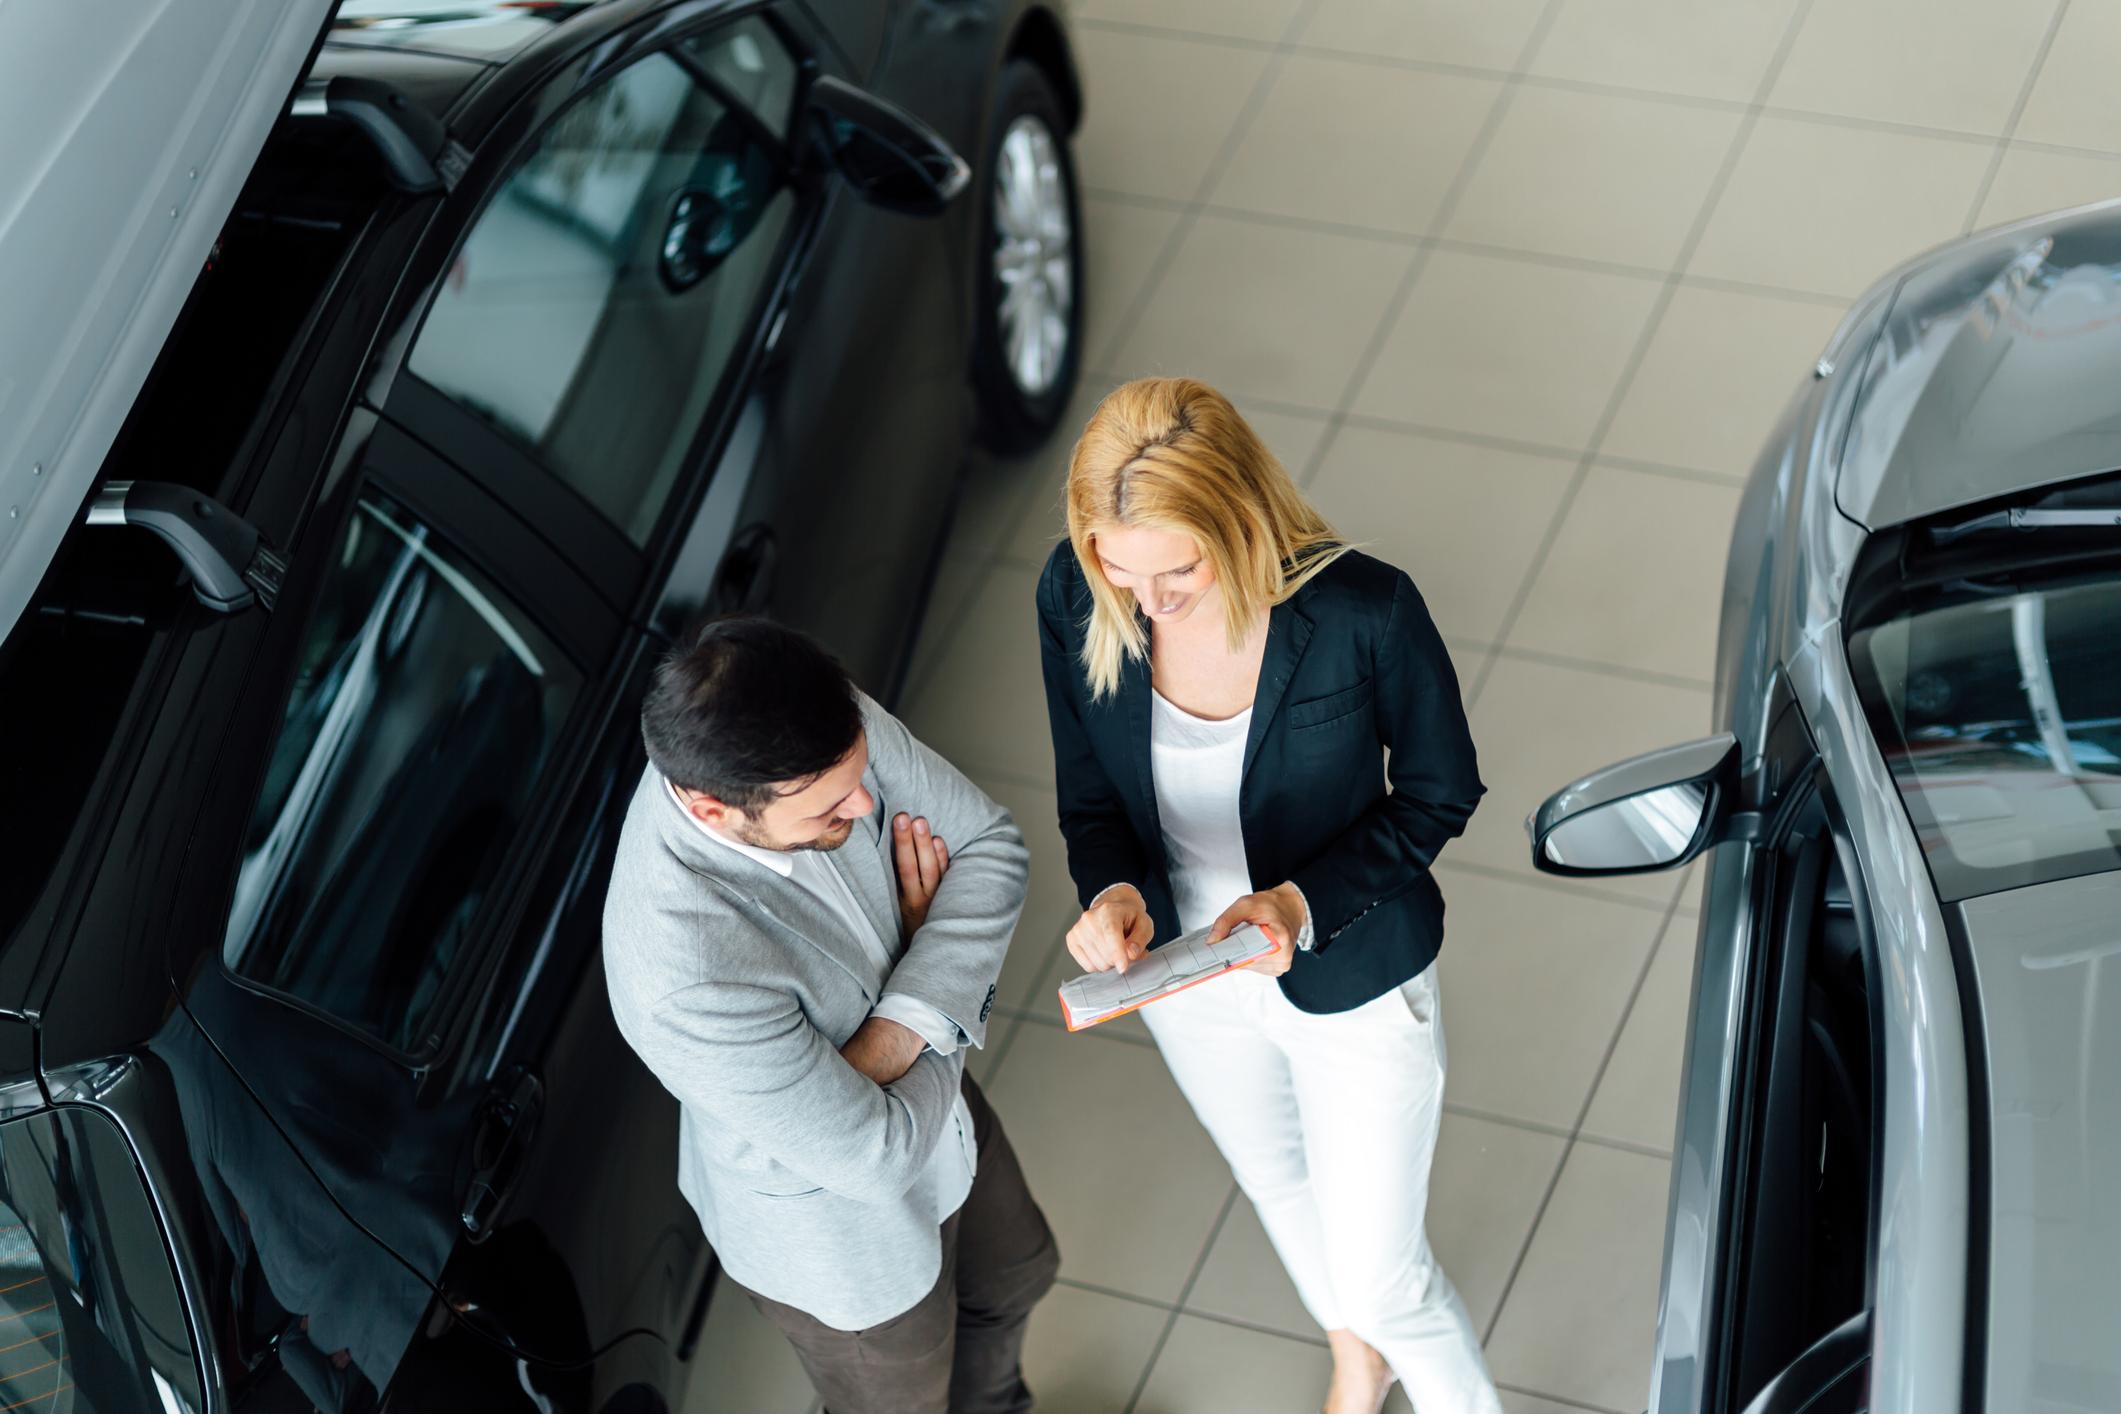 Man talking to woman at car dealership.